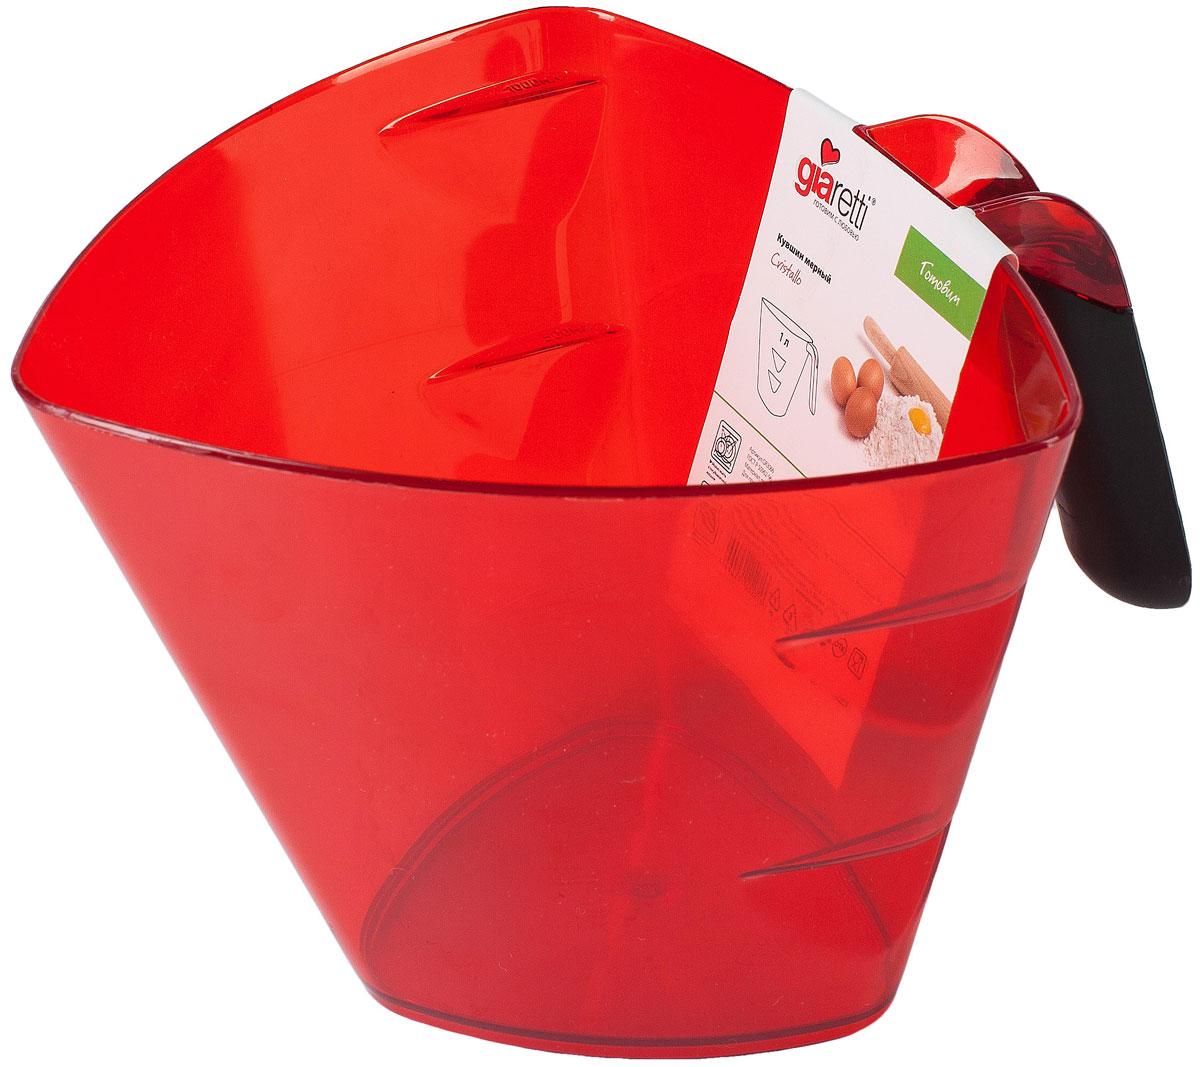 Кувшин мерный Giaretti Cristallo, 1 лGR3066МИКСМерный кувшин - необходимая вещь на кухне. Наши кувшины не только практичны и удобны в использовании, но и вдохновляют на кулинарные победы своим ярким цветом и привлекательным дизайном. Преимущества: эргономичная ручка с противоскользящей вставкой, мерная шкала внутри кувшина, 3 литража.